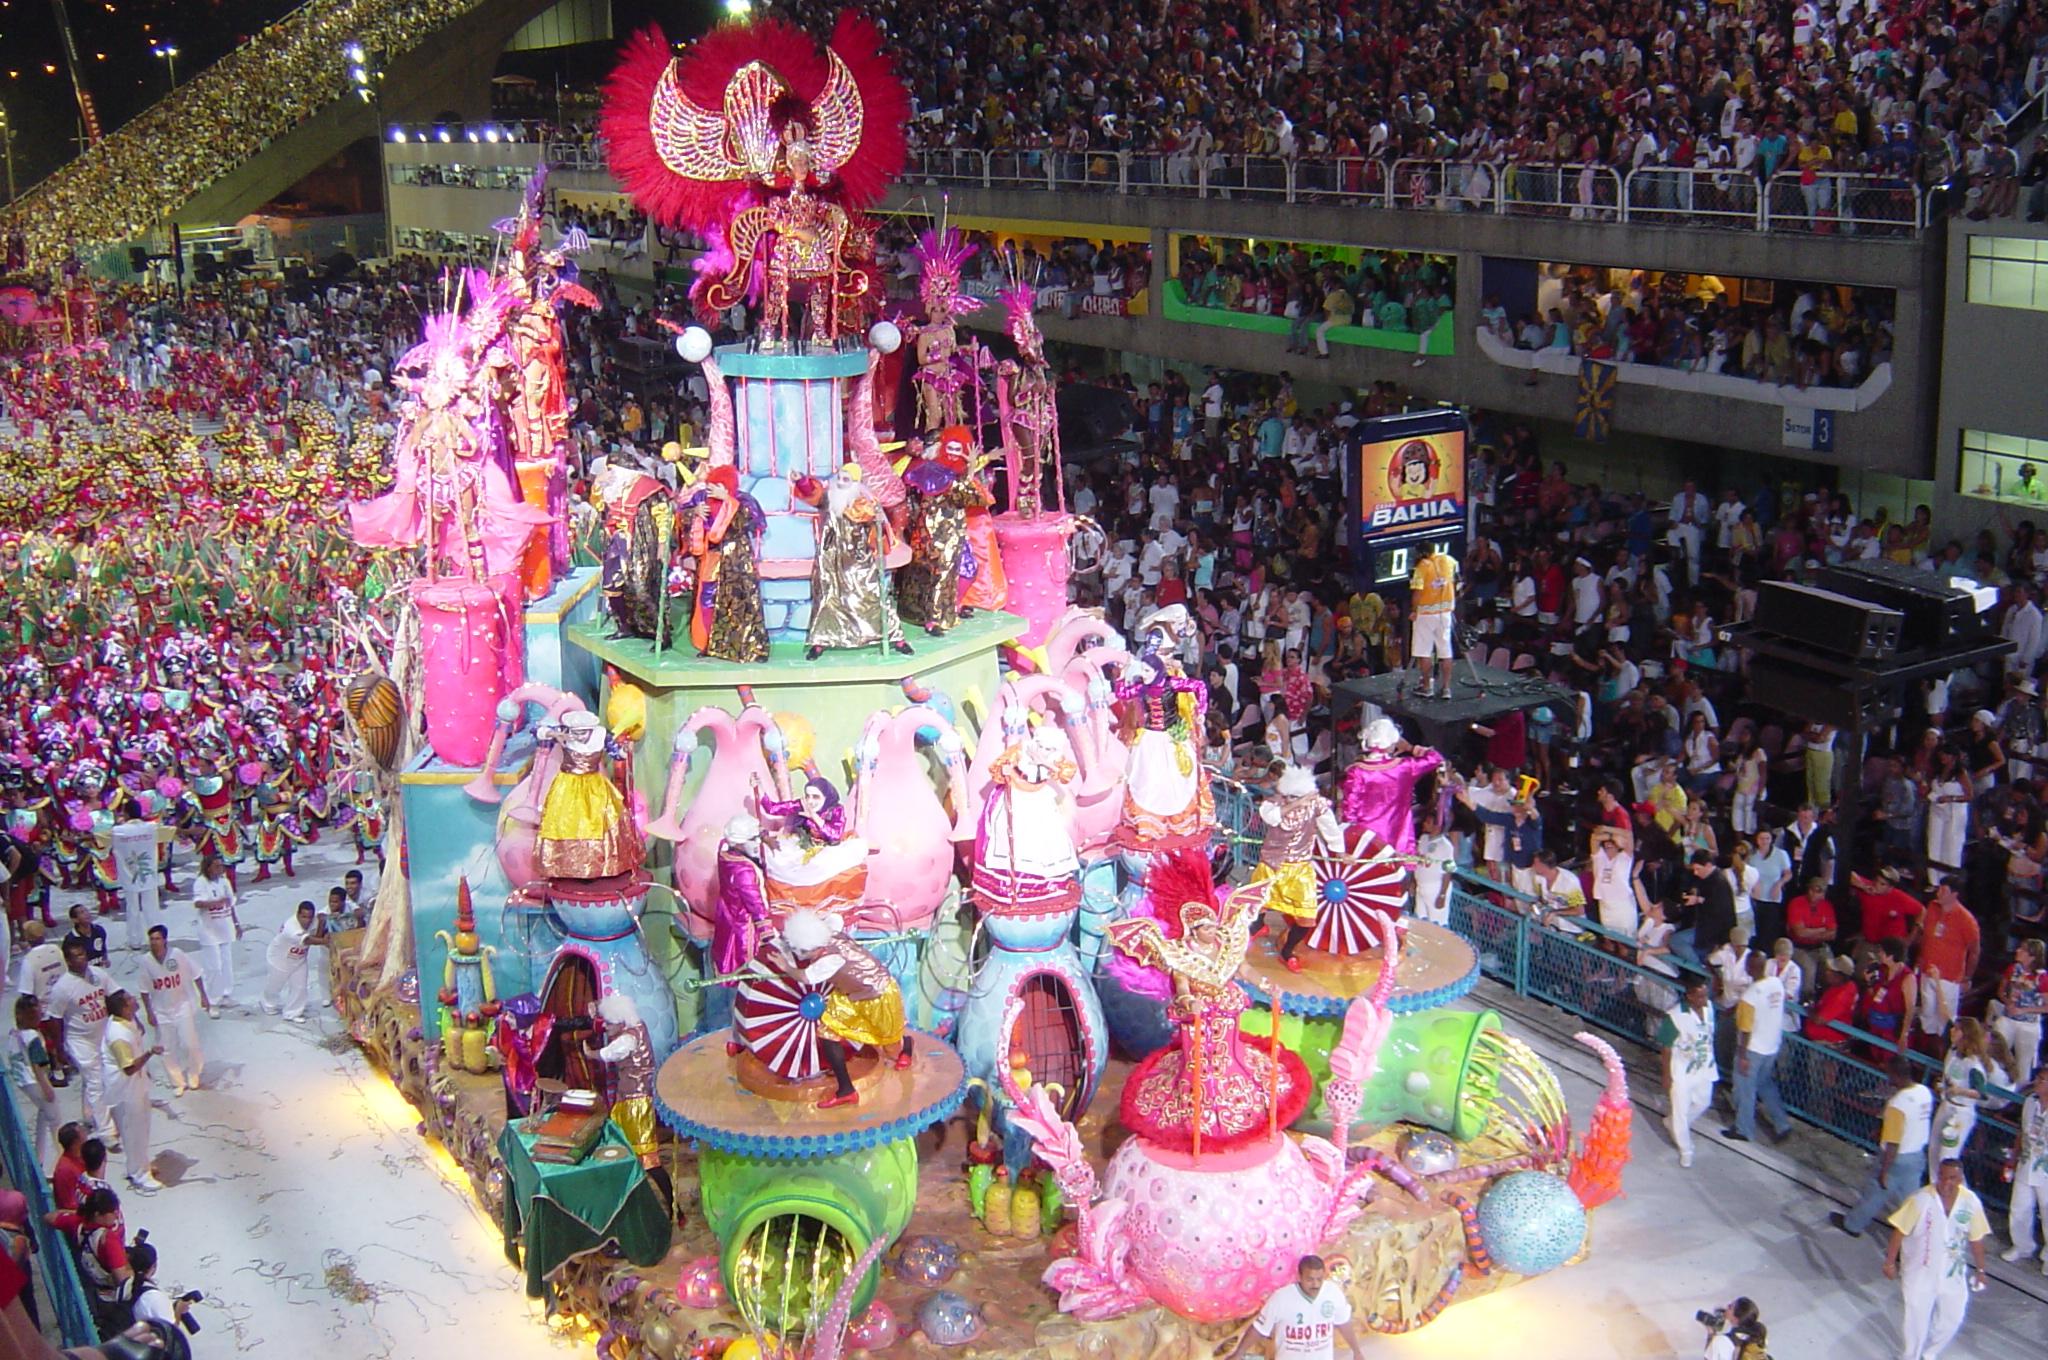 Samba_school_parades_2004.jpg